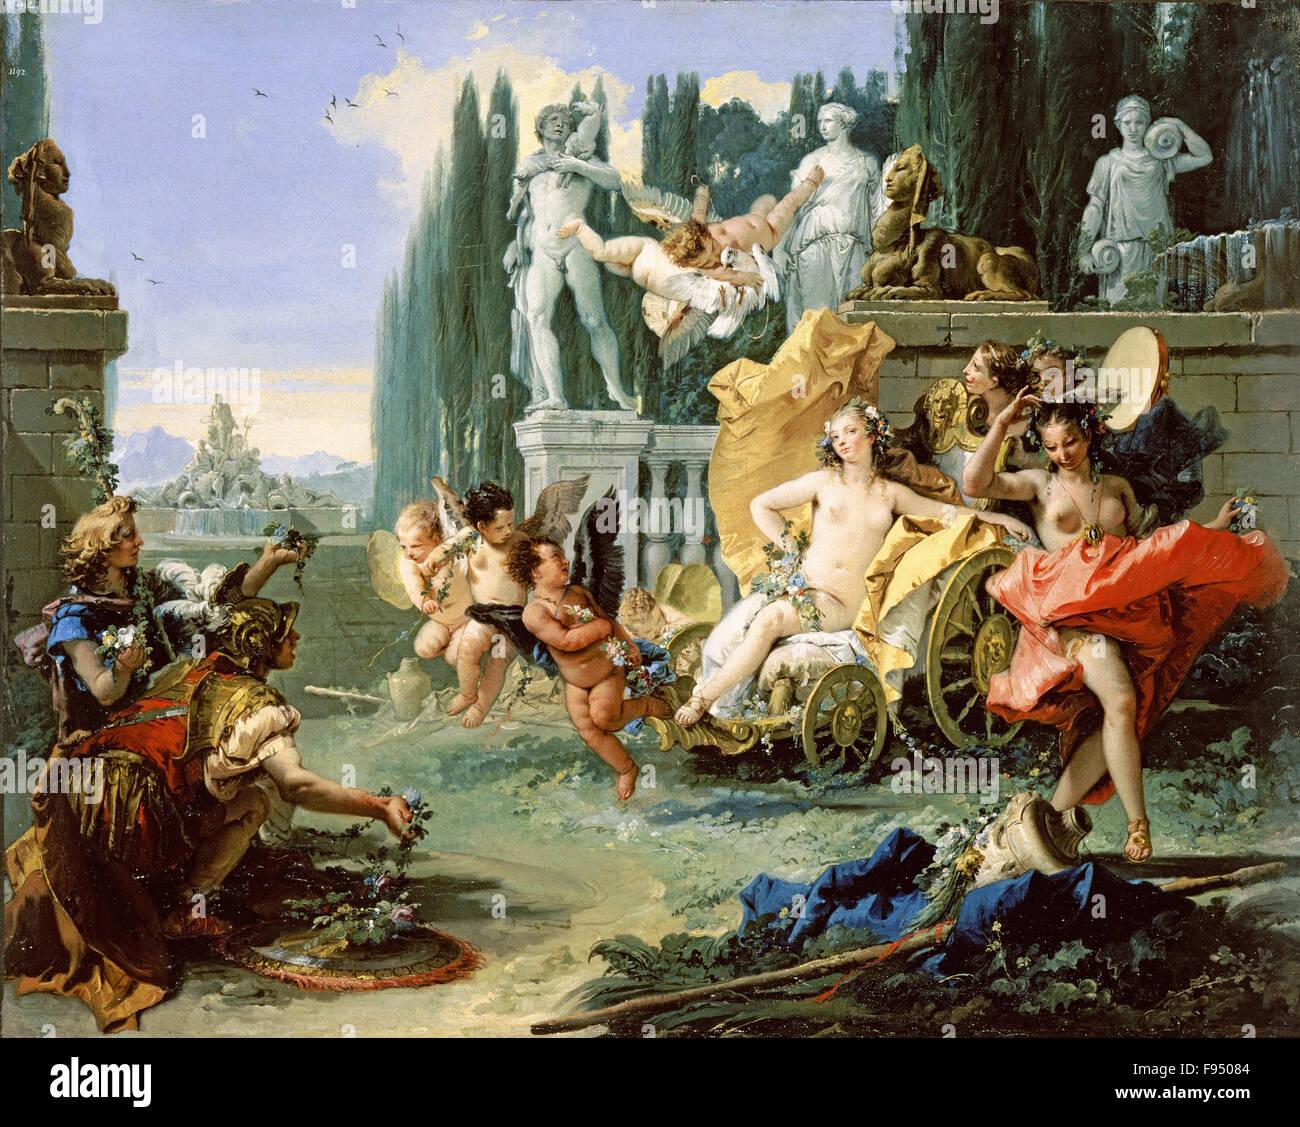 Giovanni Battista Tiepolo - The Empire of Flora - Stock Image